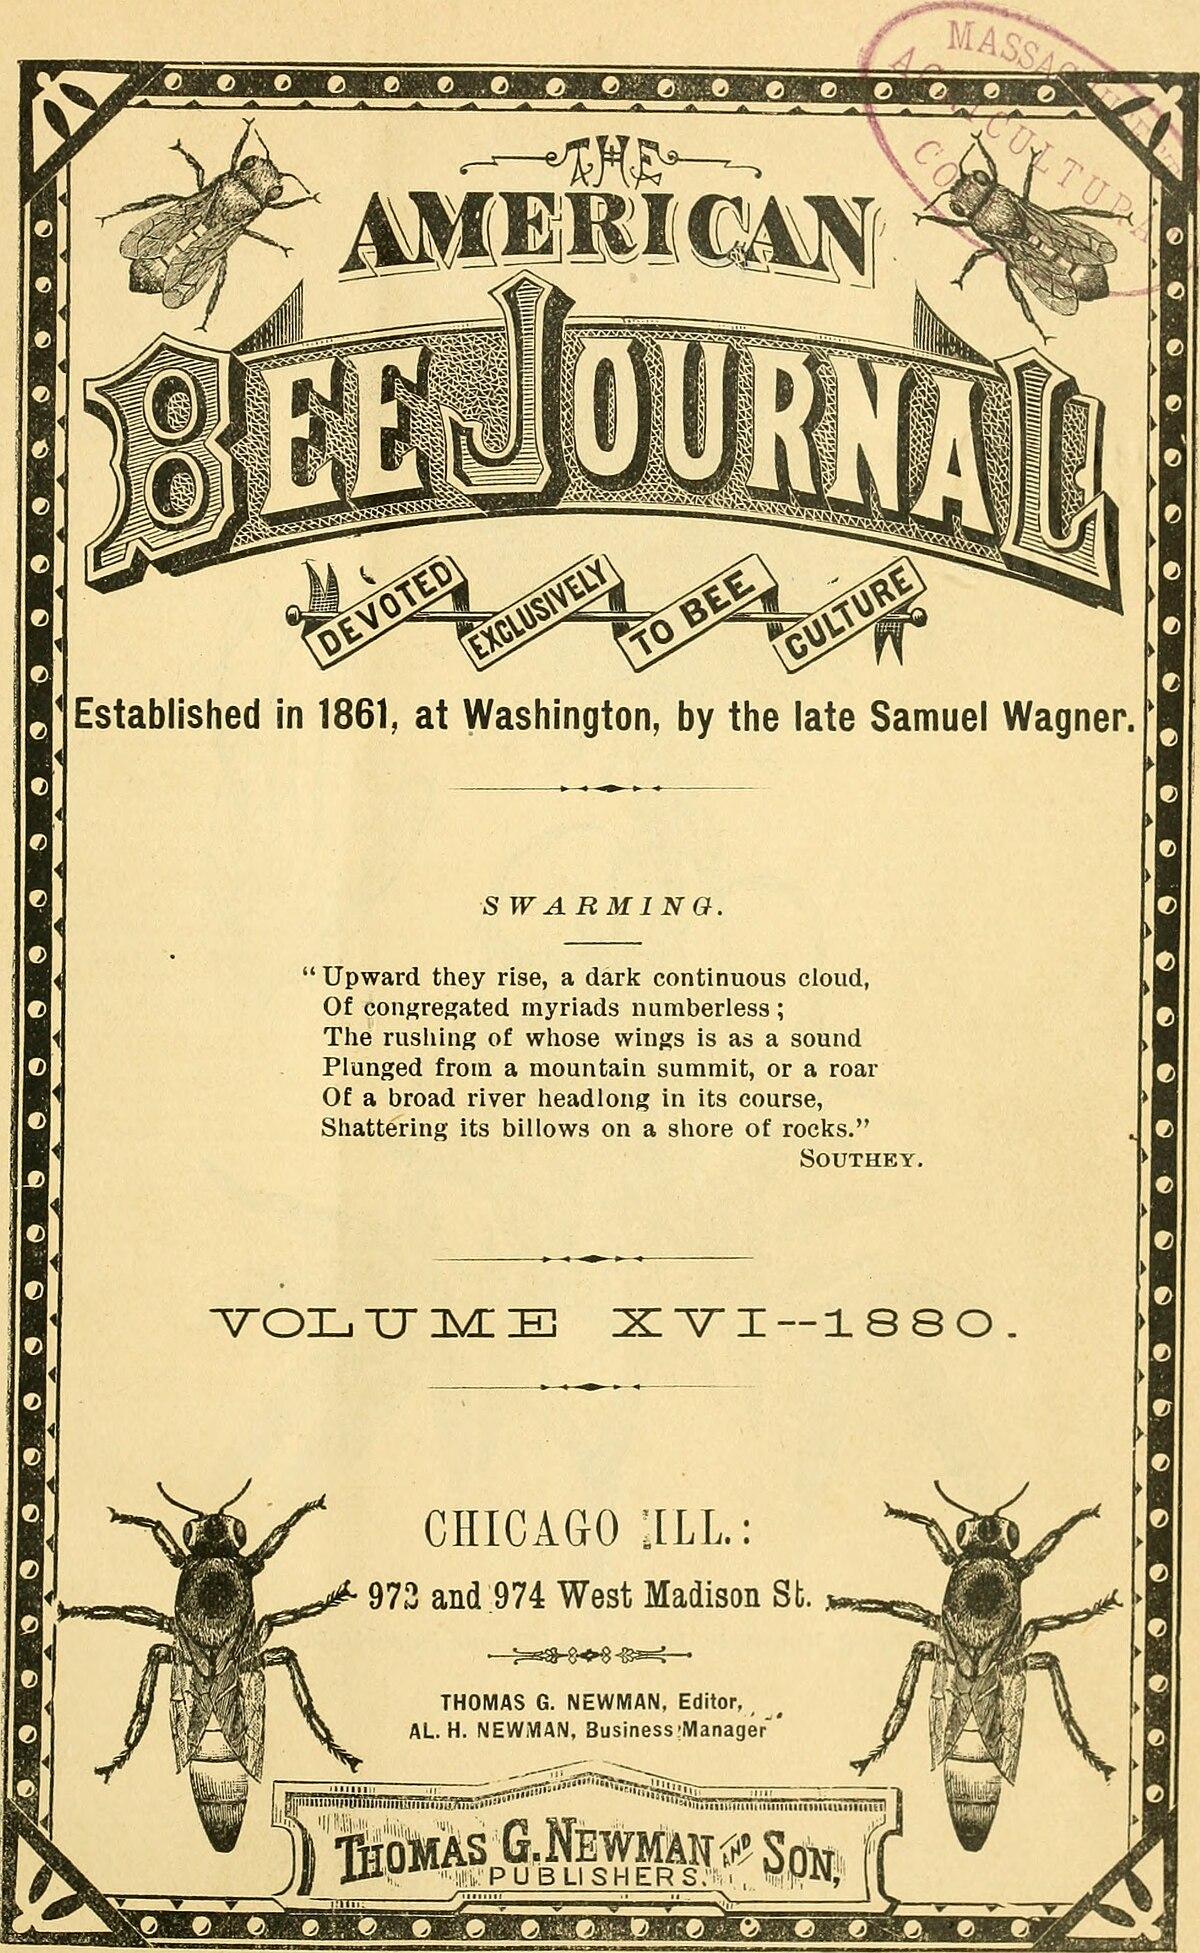 American bee journal (1880) (18108241782).jpg